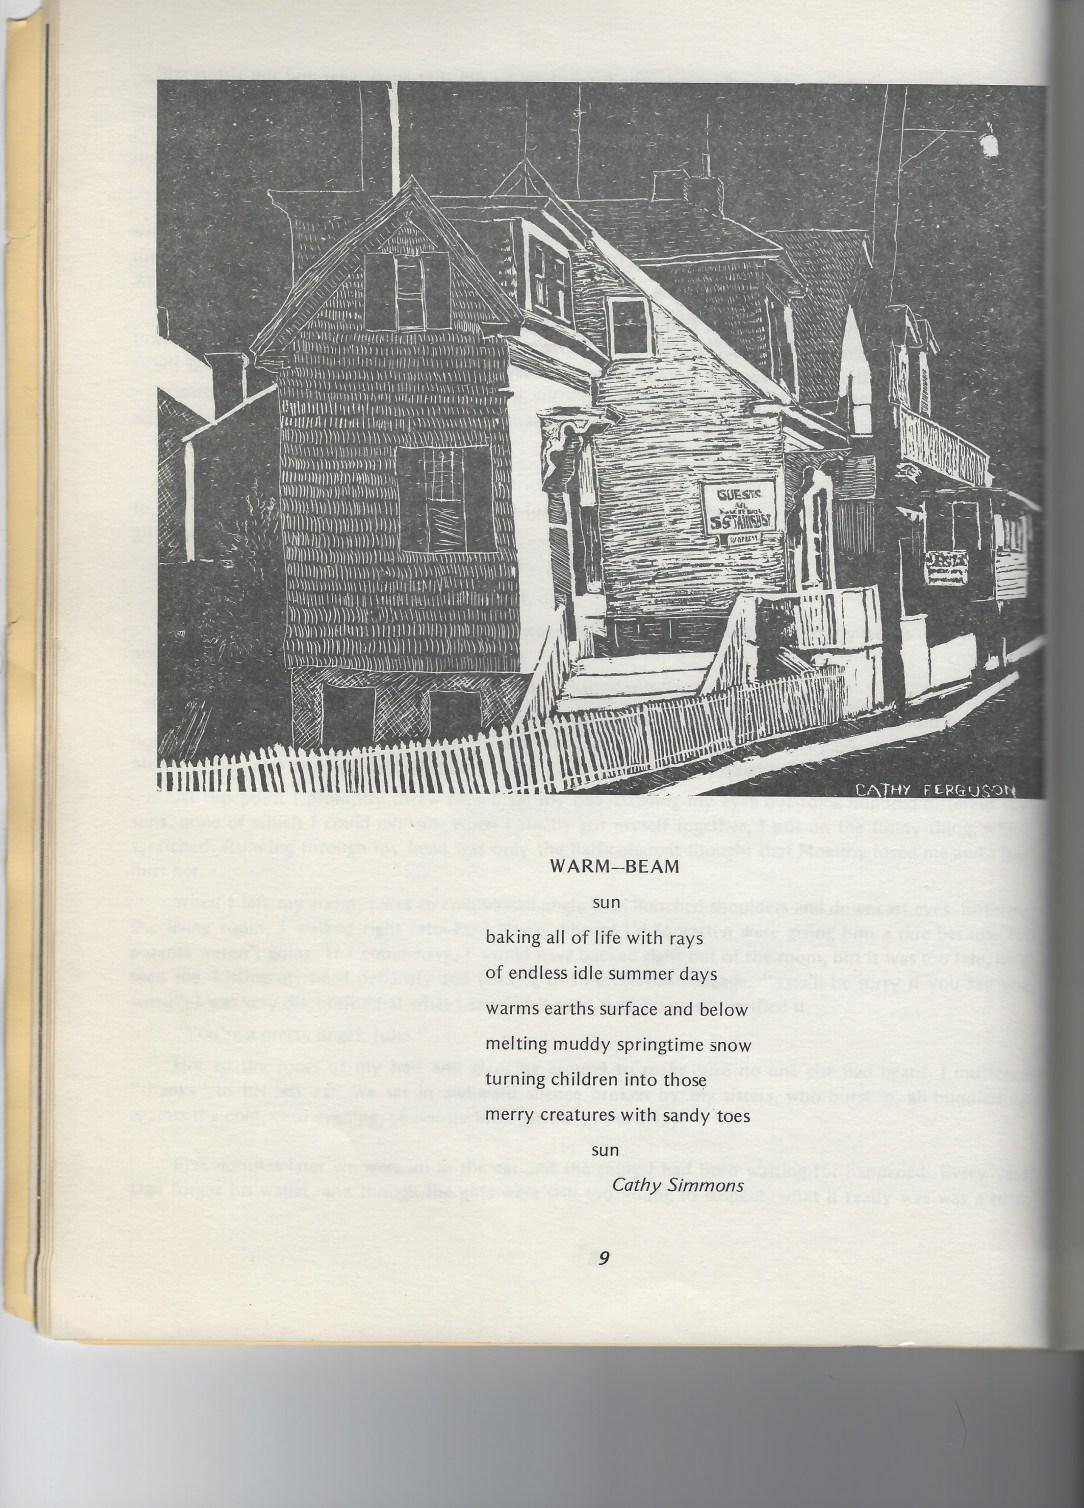 Image (11)